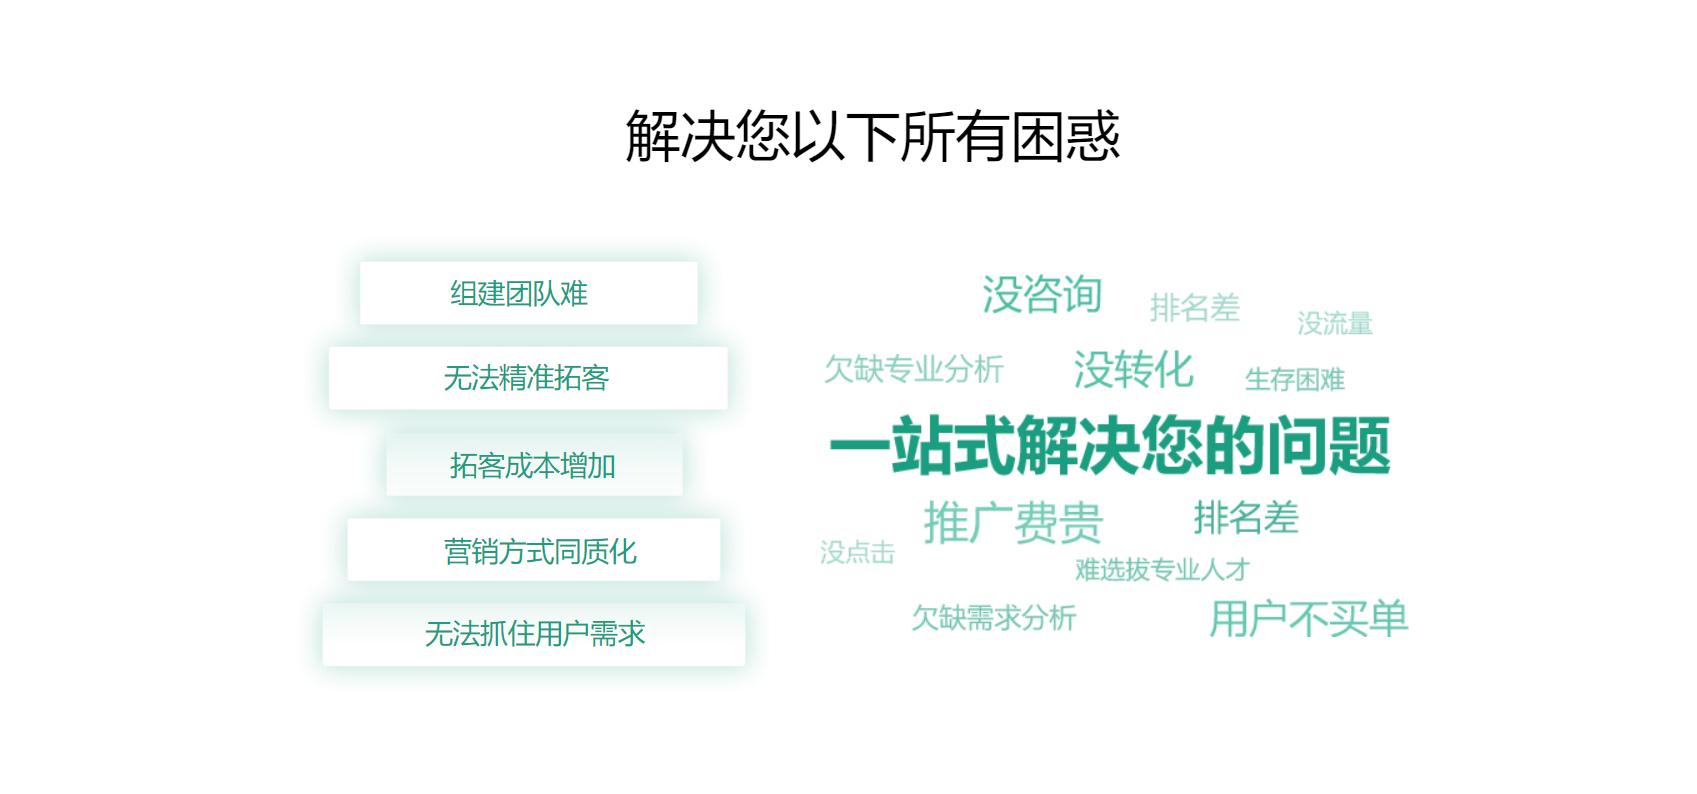 北京网络推广外包公司哪个好?企业网络营销策划方案怎么做?